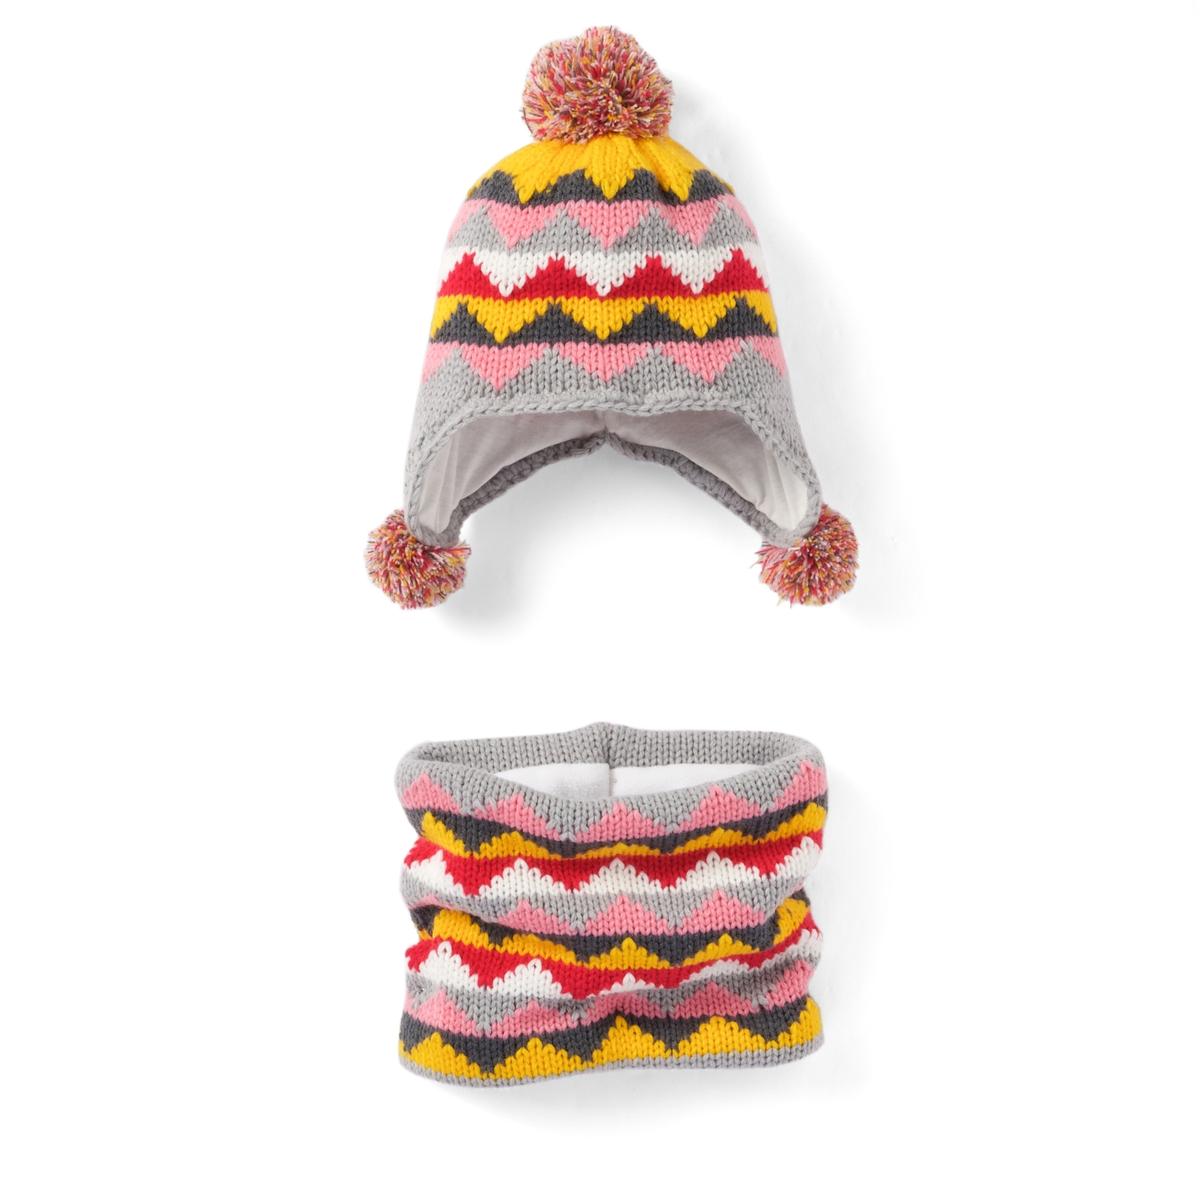 Шапка и шарф в перуанском стилеКрасивая шапочка с помпонами и шарф в ярких перуанских цветах : отличный выбор для зимы! Состав и описаниеМатериал : шапочка из акрила Шарф из акрила на подкладке из полиэстера Размеры 17 см. Уход : Просьба следовать советам по уходу, указанным на этикетке.<br><br>Цвет: жакард